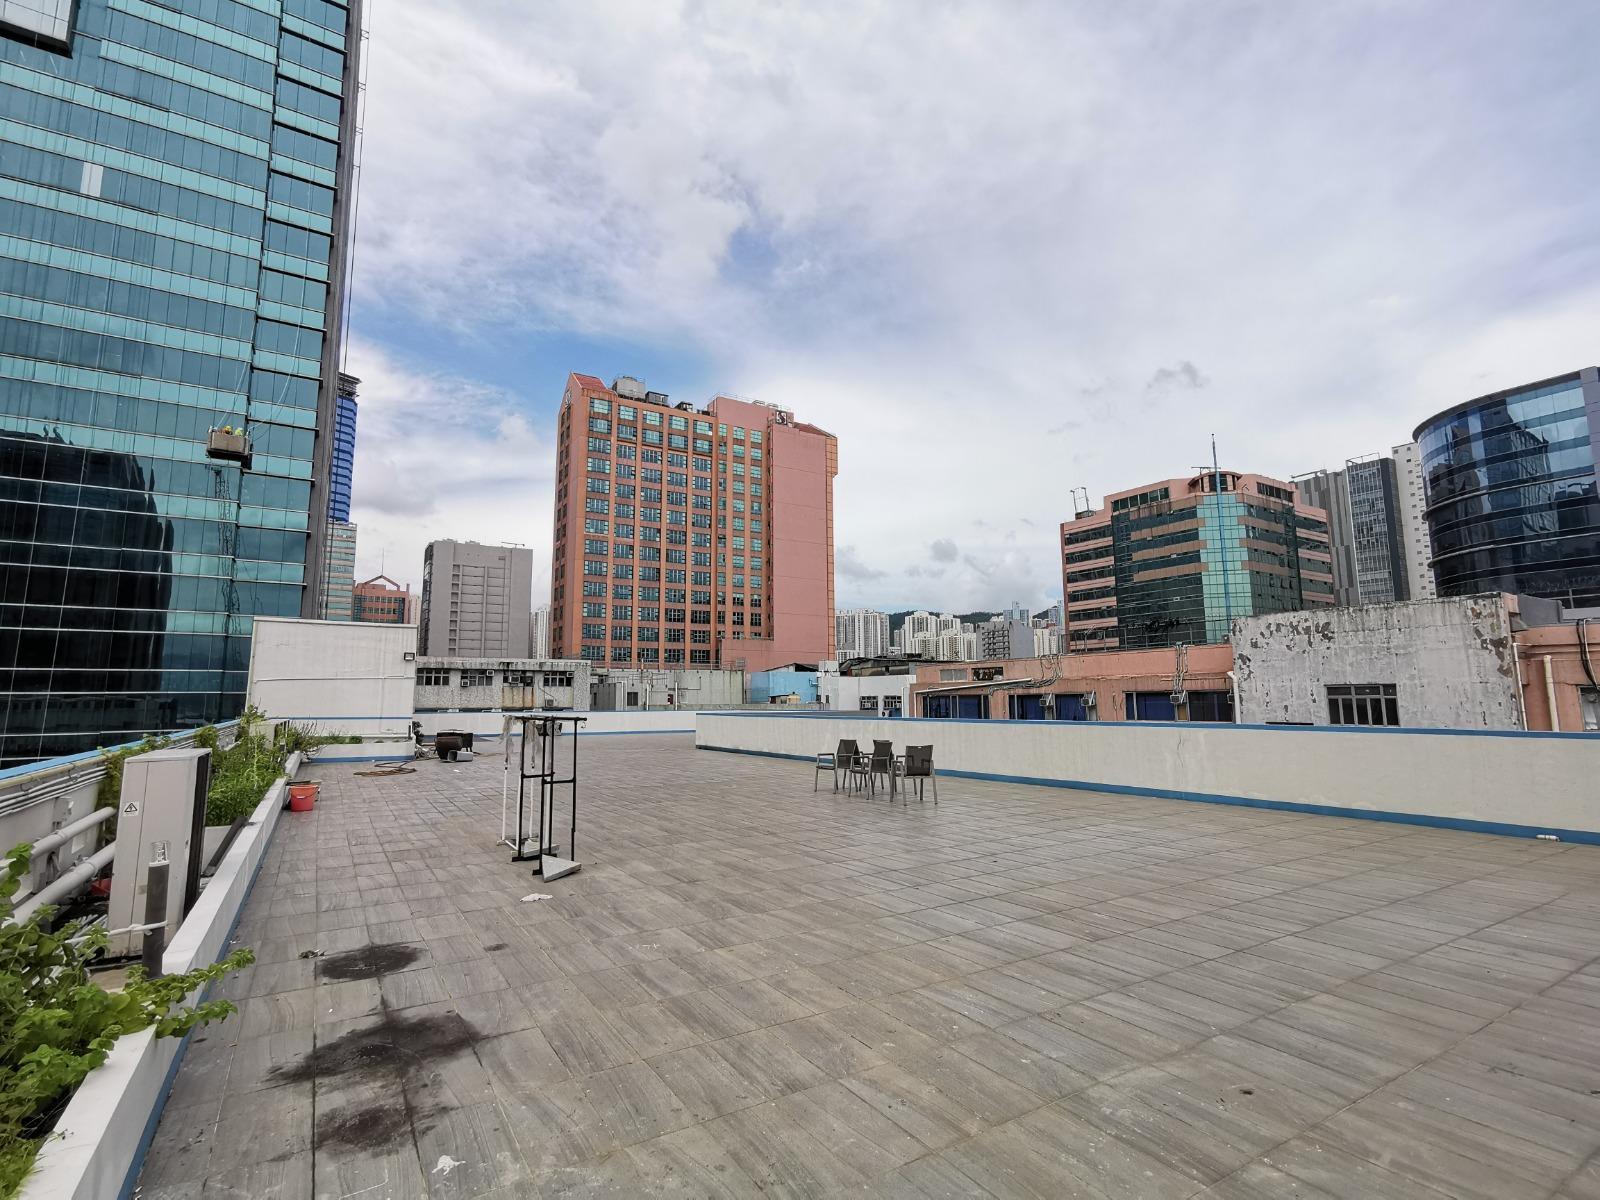 都市農莊興起 特式工廈獲追捧 觀塘金凱工業大廈天台招租 意向呎租僅5元